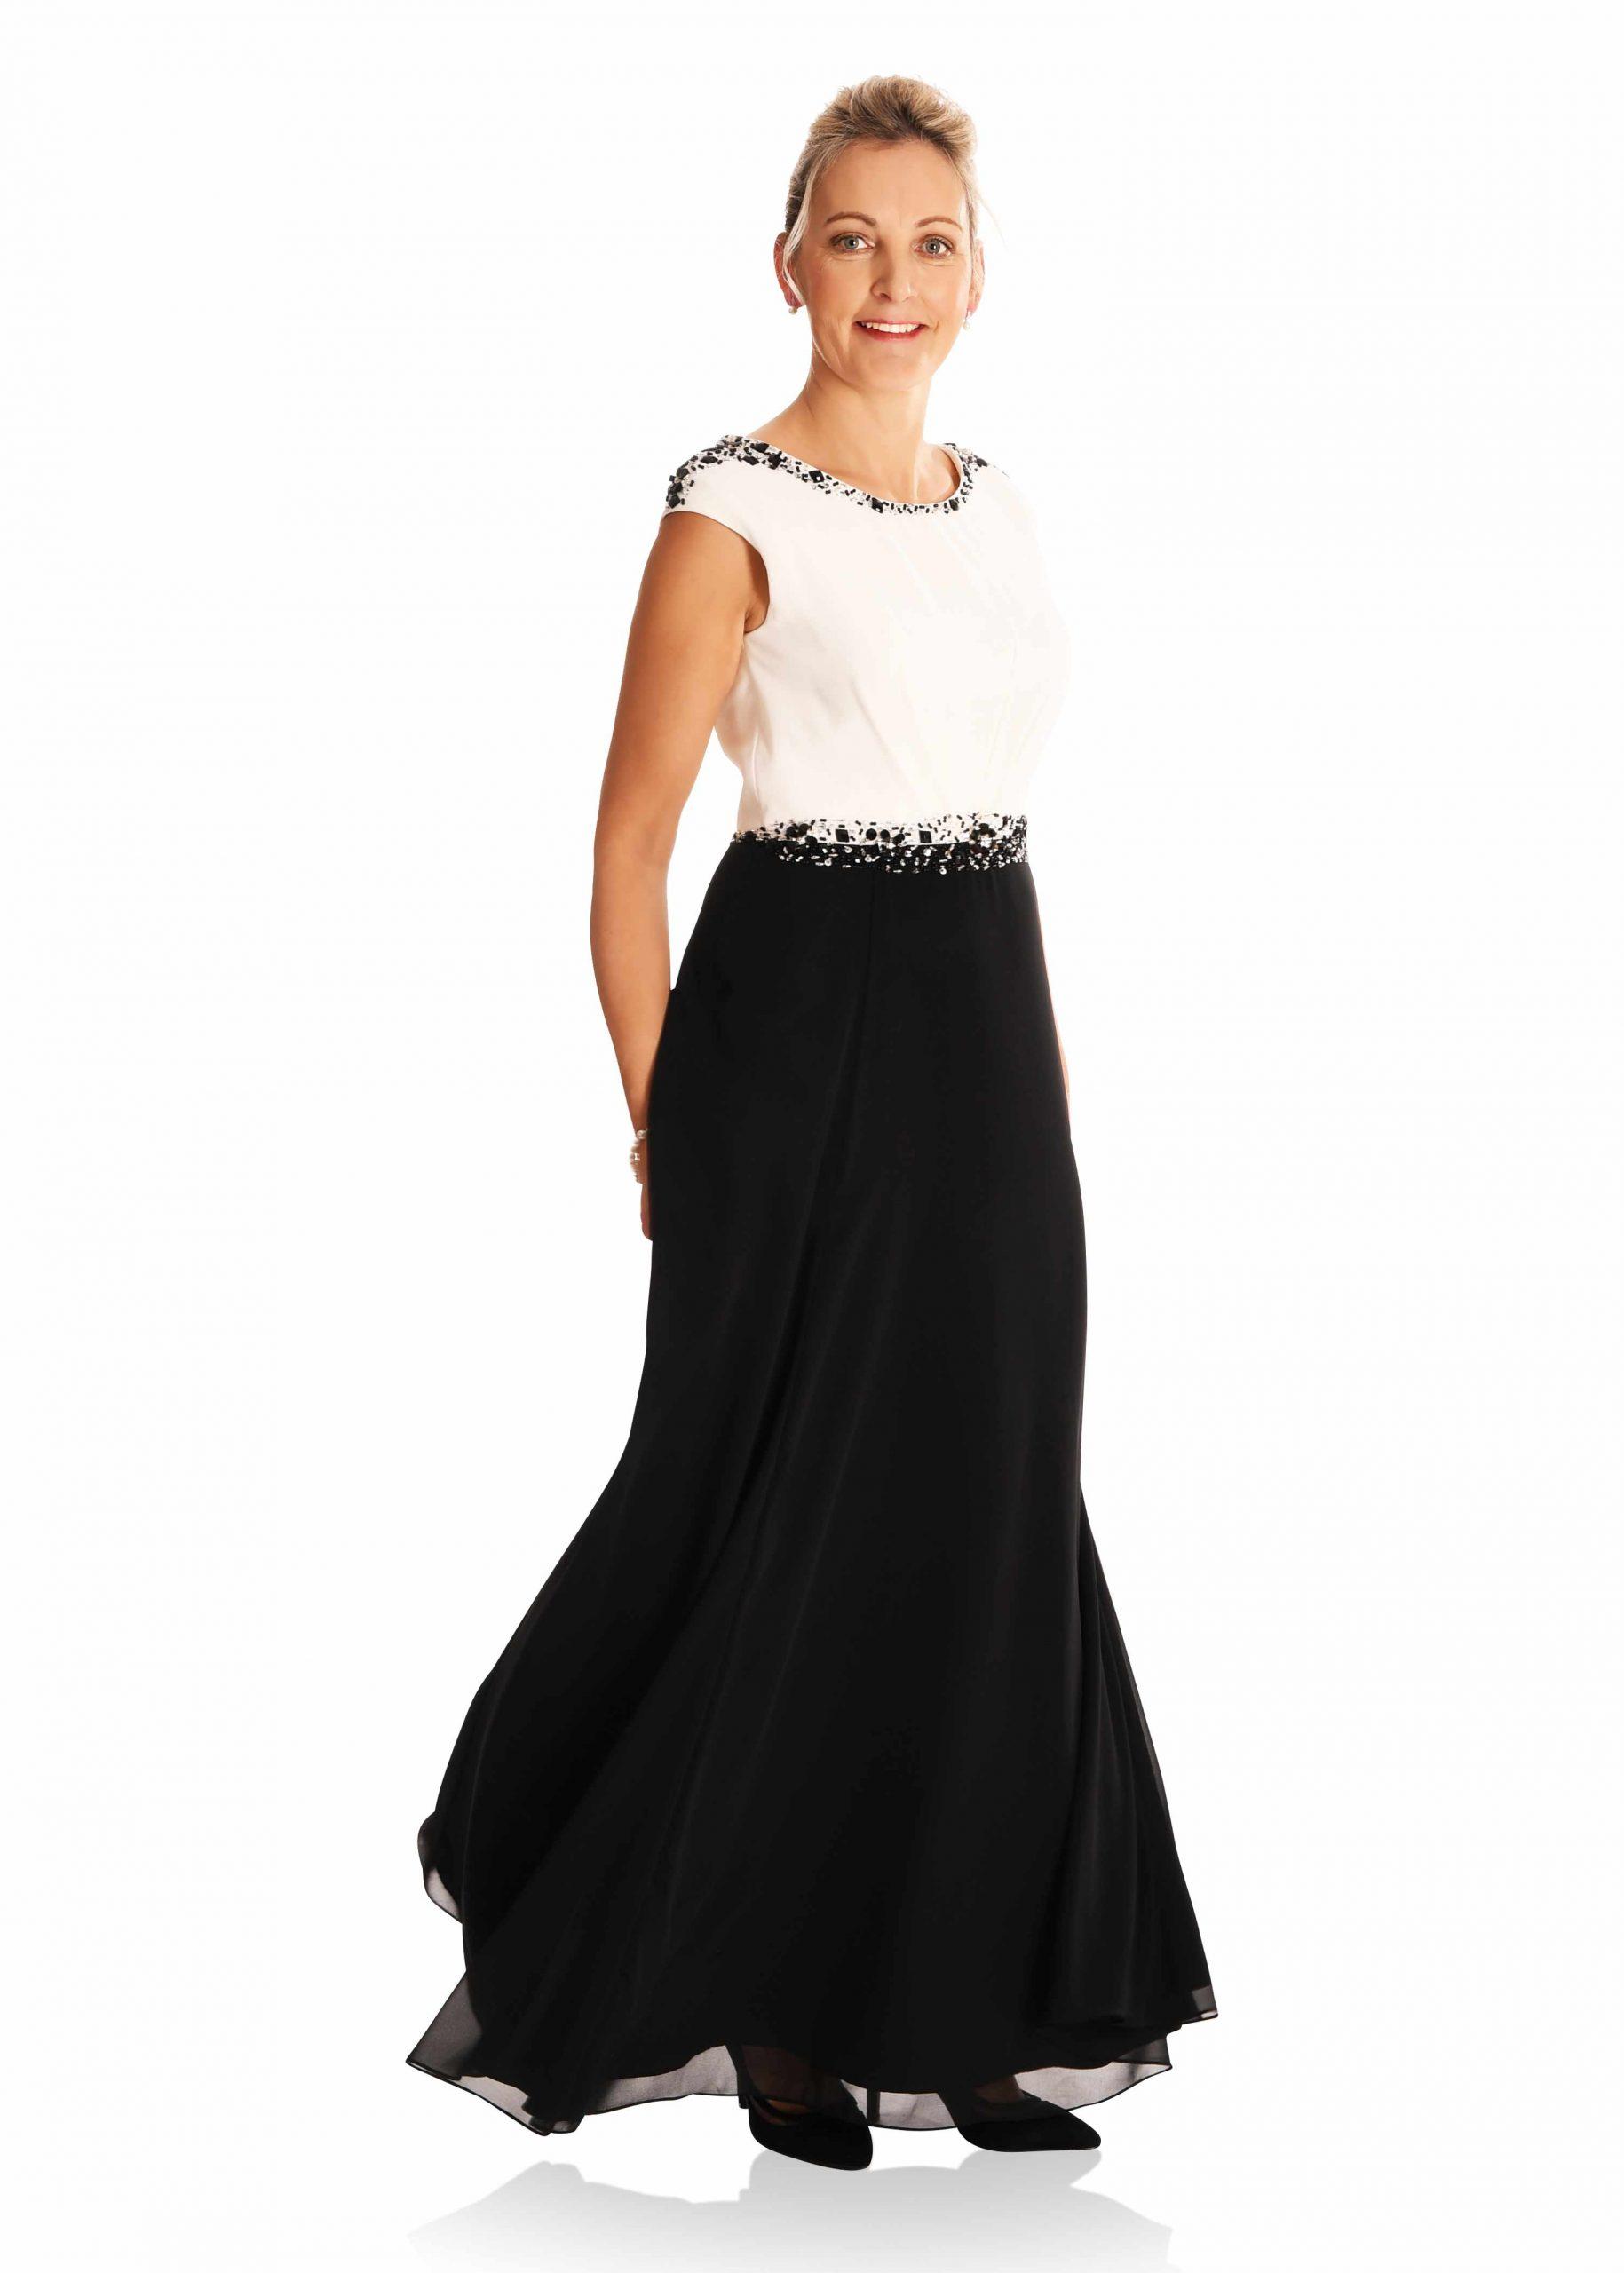 15 Genial Abendkleider Lang Schwarz Weiß für 201915 Elegant Abendkleider Lang Schwarz Weiß Spezialgebiet